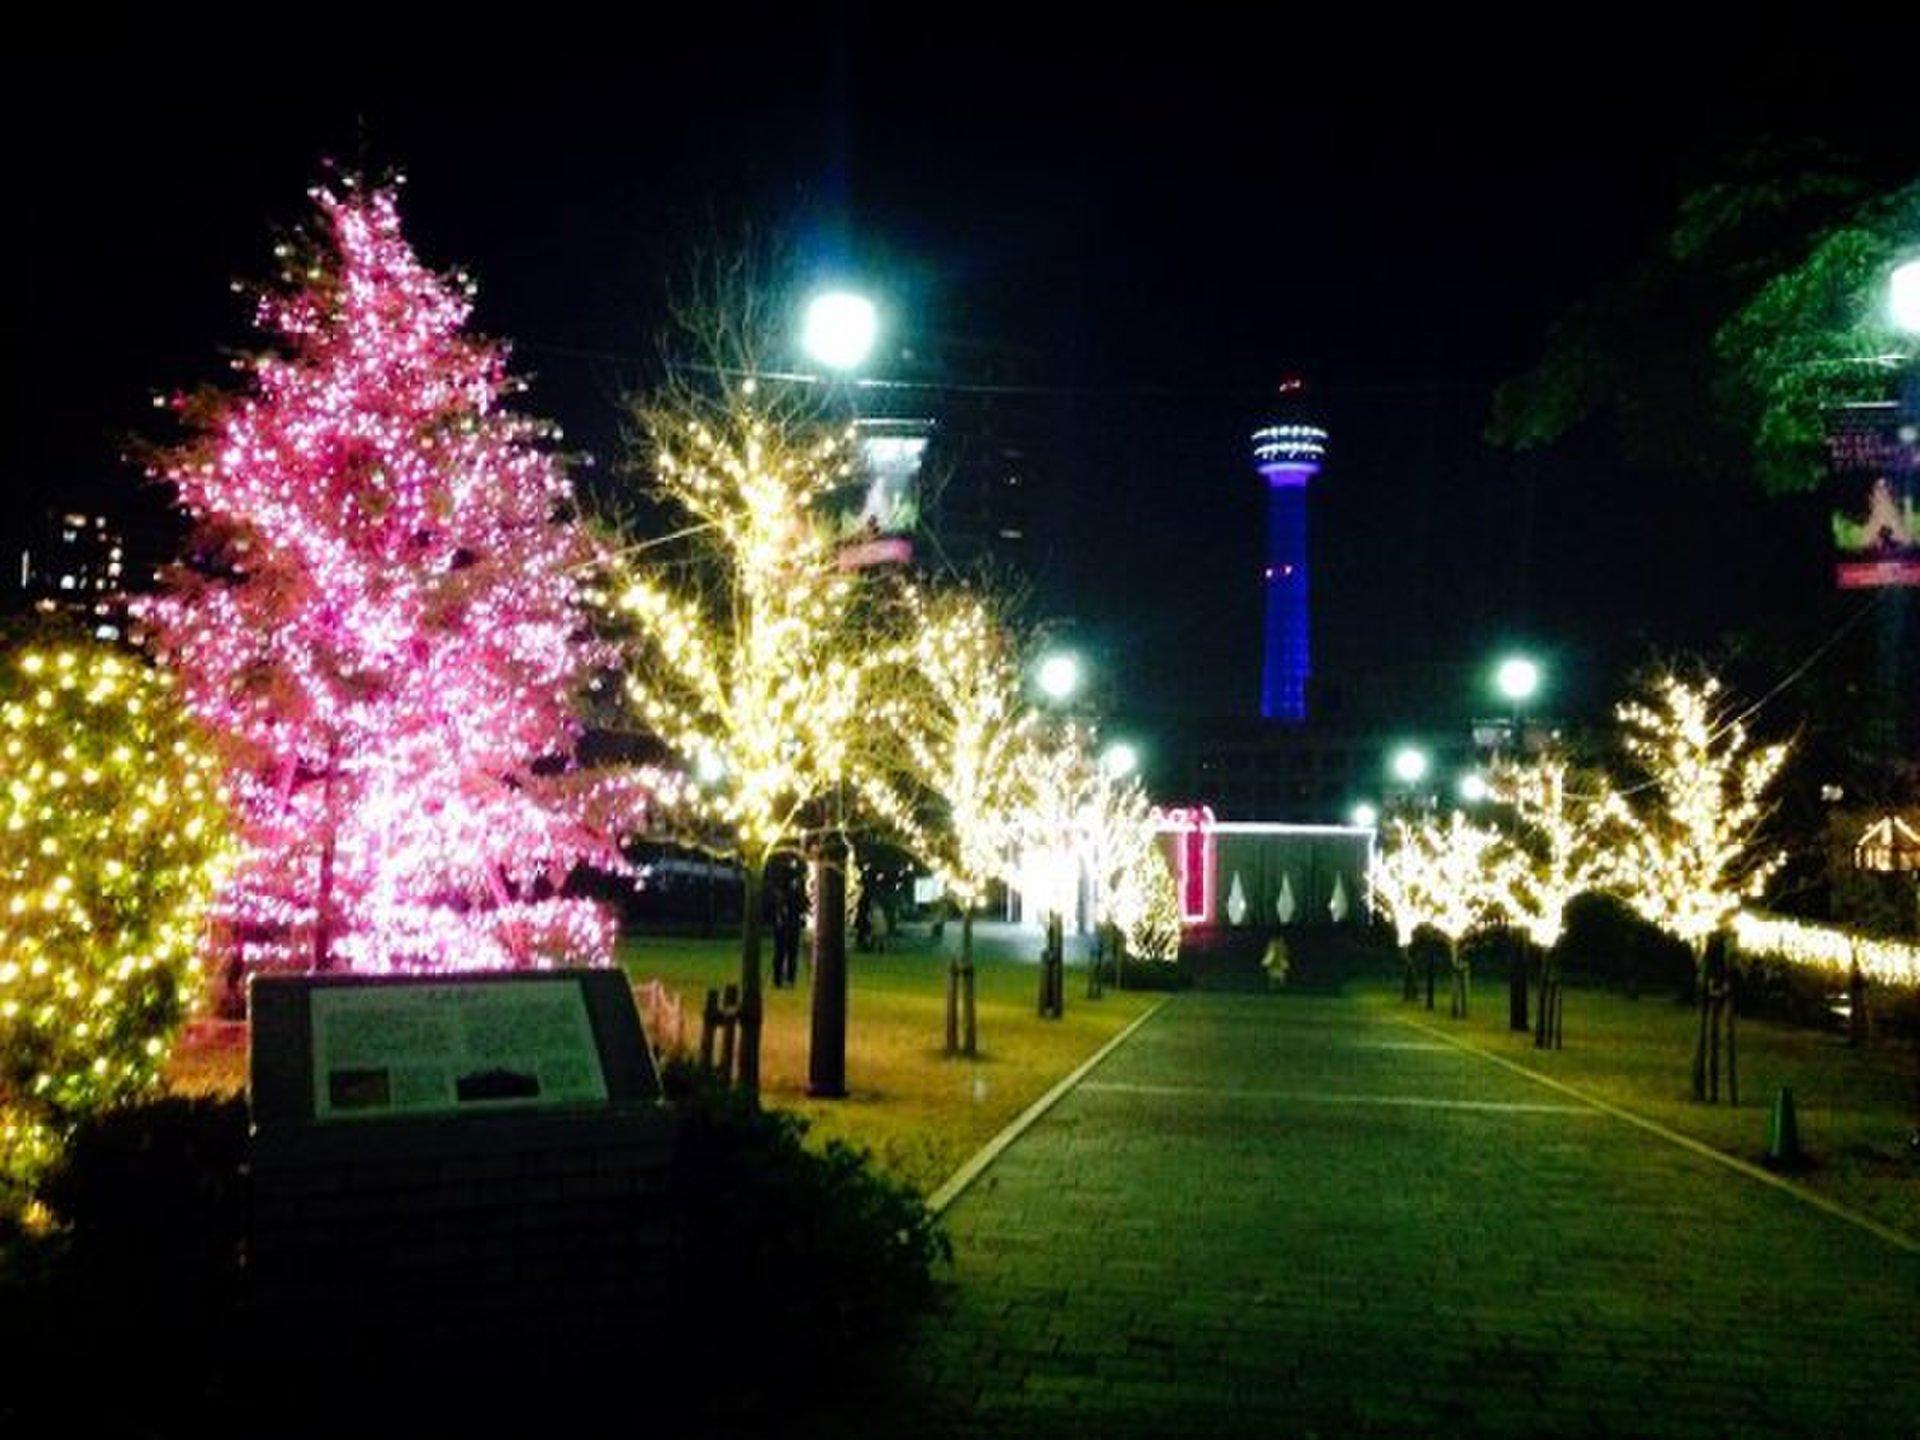 横浜・中華街でクリスマスのイルミネーションスポットを巡ろう!人気のコースをゆったりお散歩デート